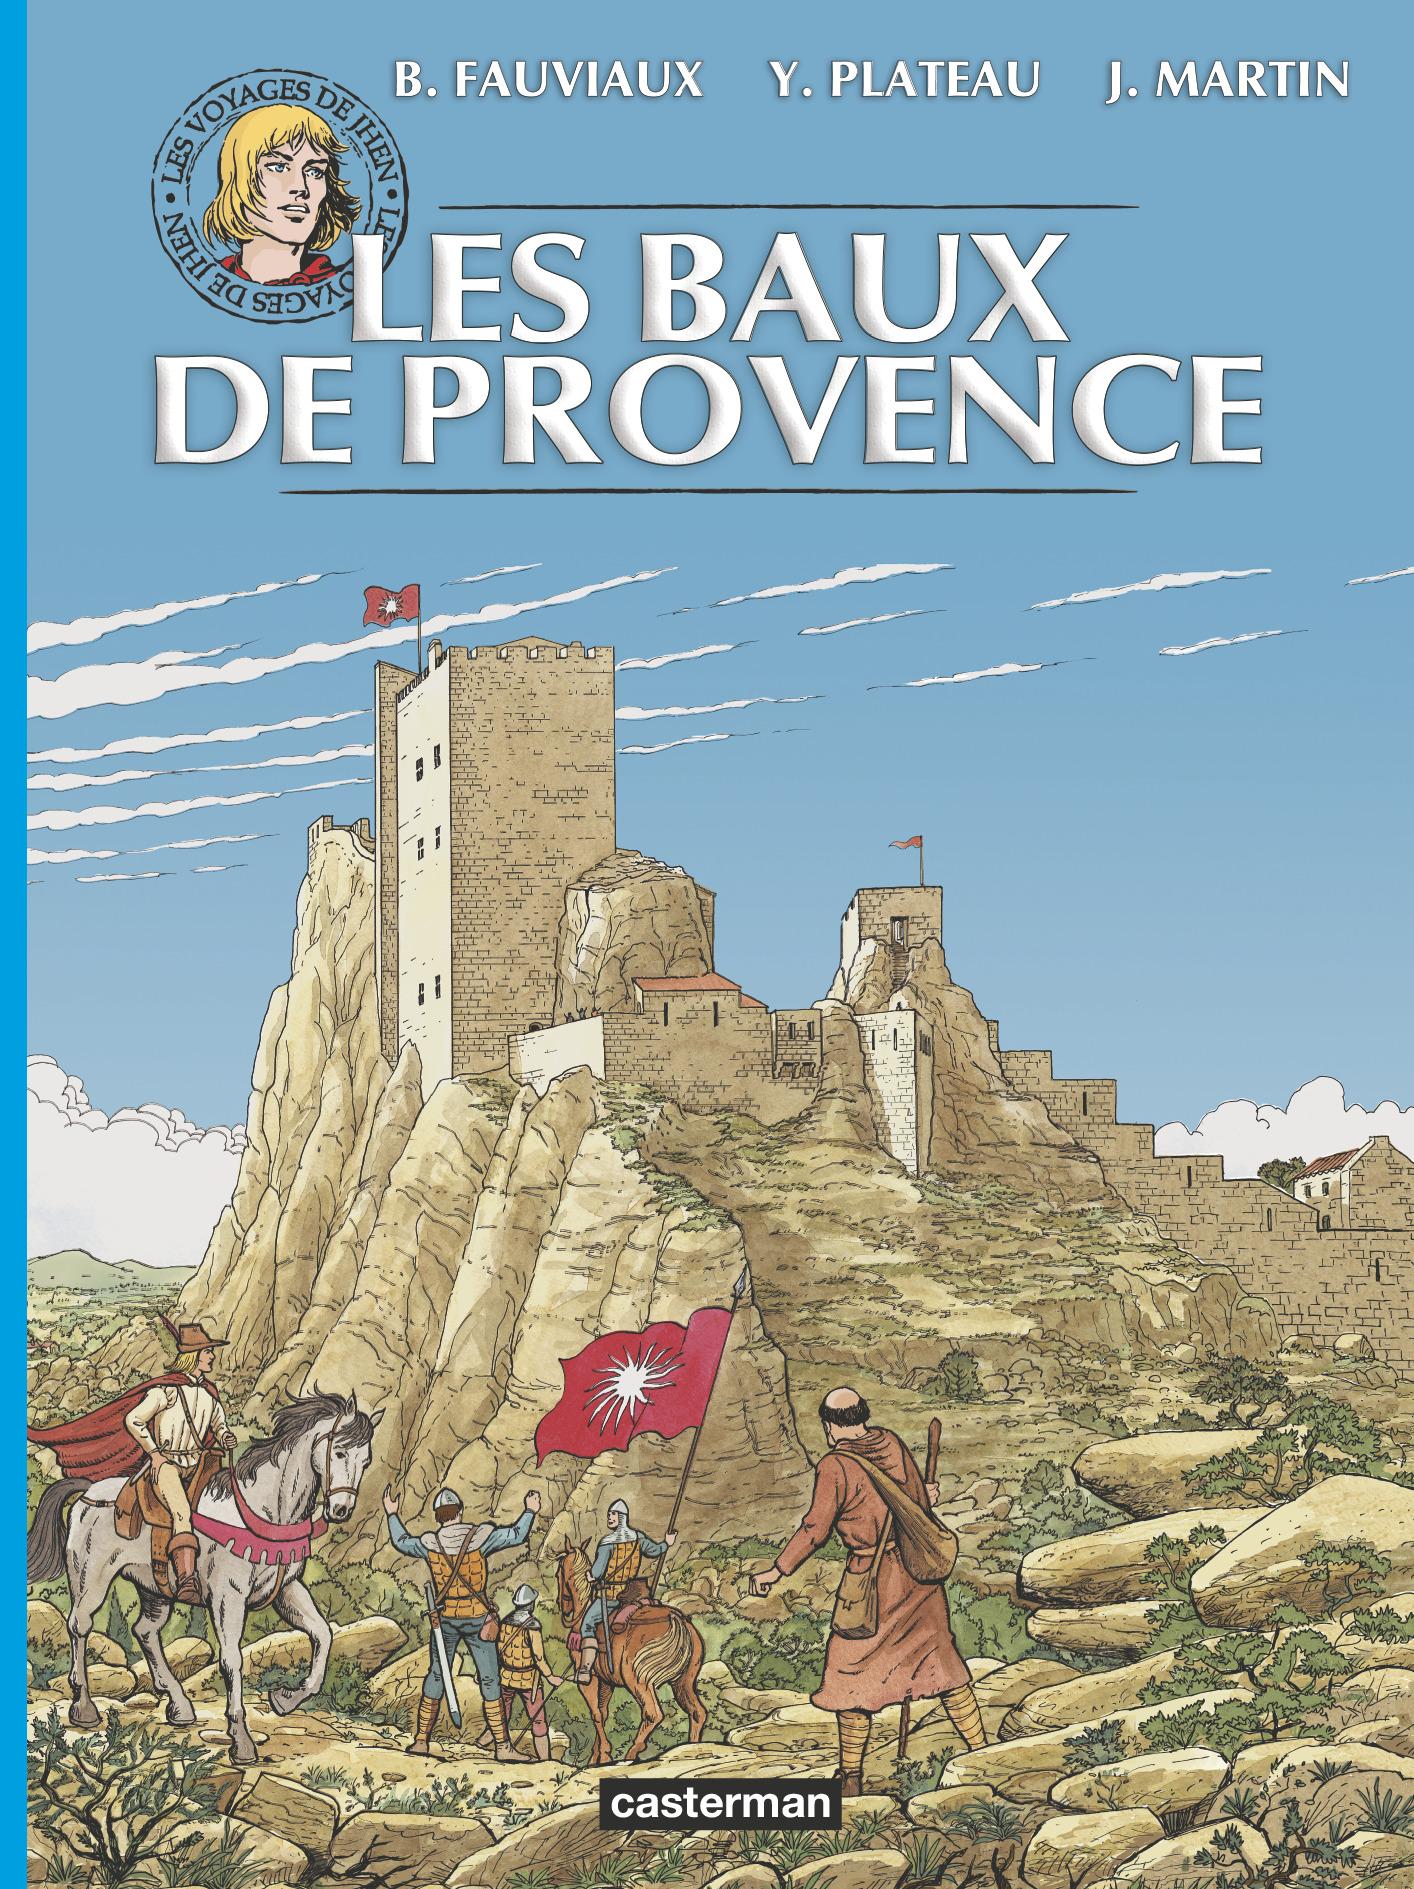 Les voyages de Jhen - Les Baux de Provence - Martin Plateau Fauviaux - Casterman - Couverture